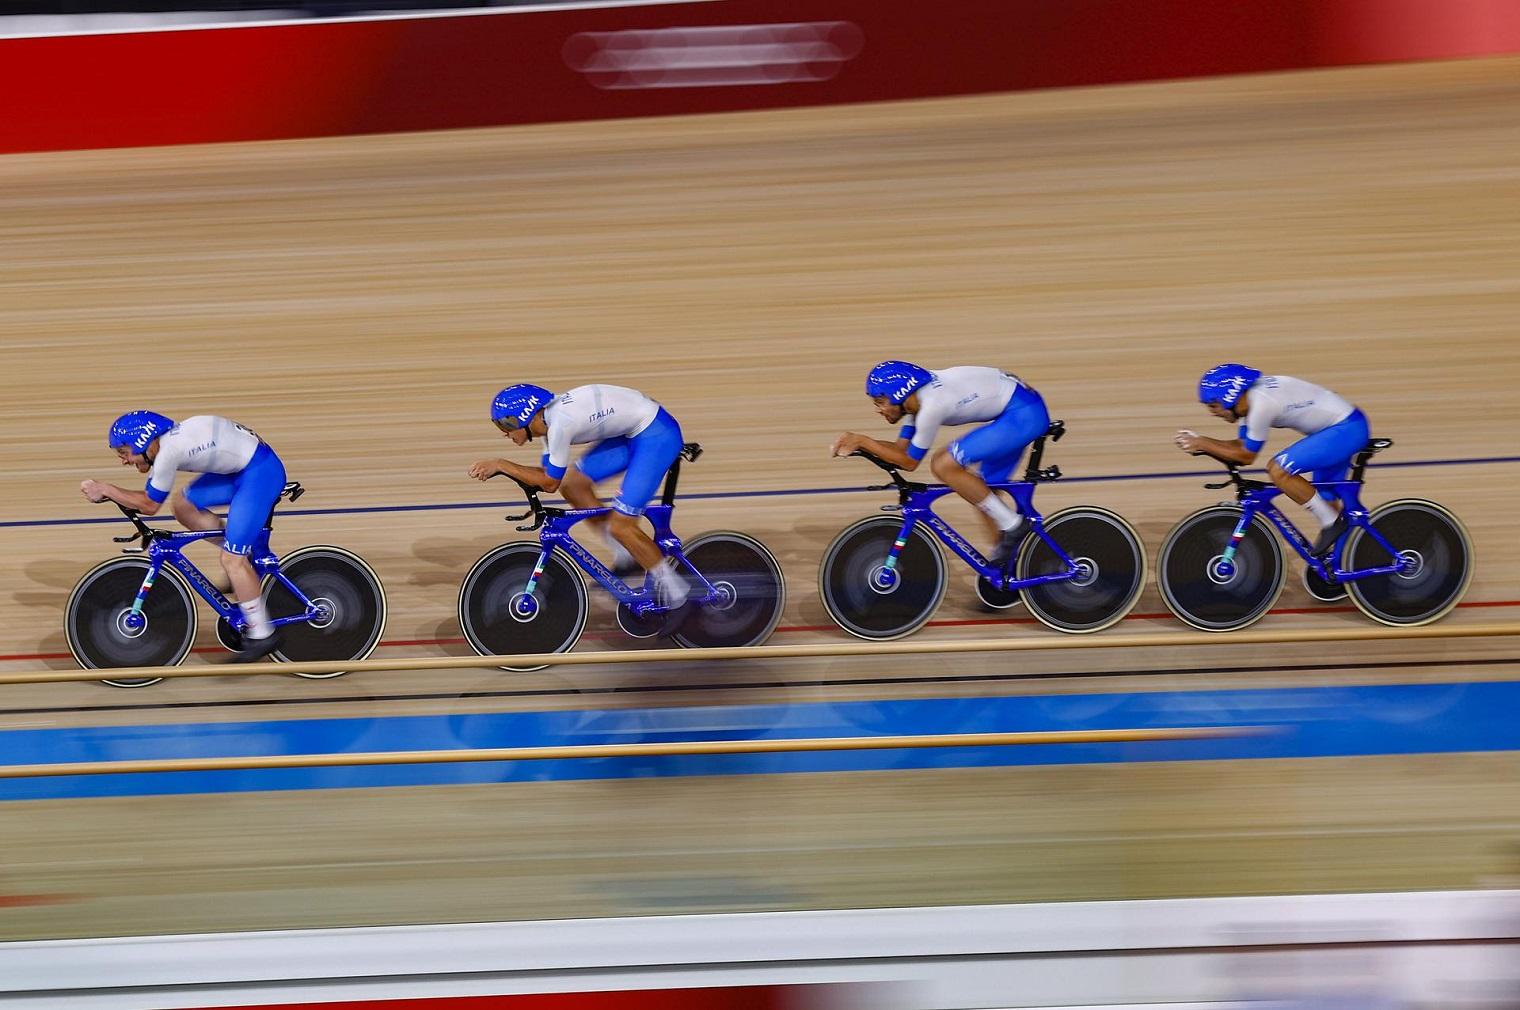 Quartetto olimpico Tokyo 2020 (Bettini Fci)